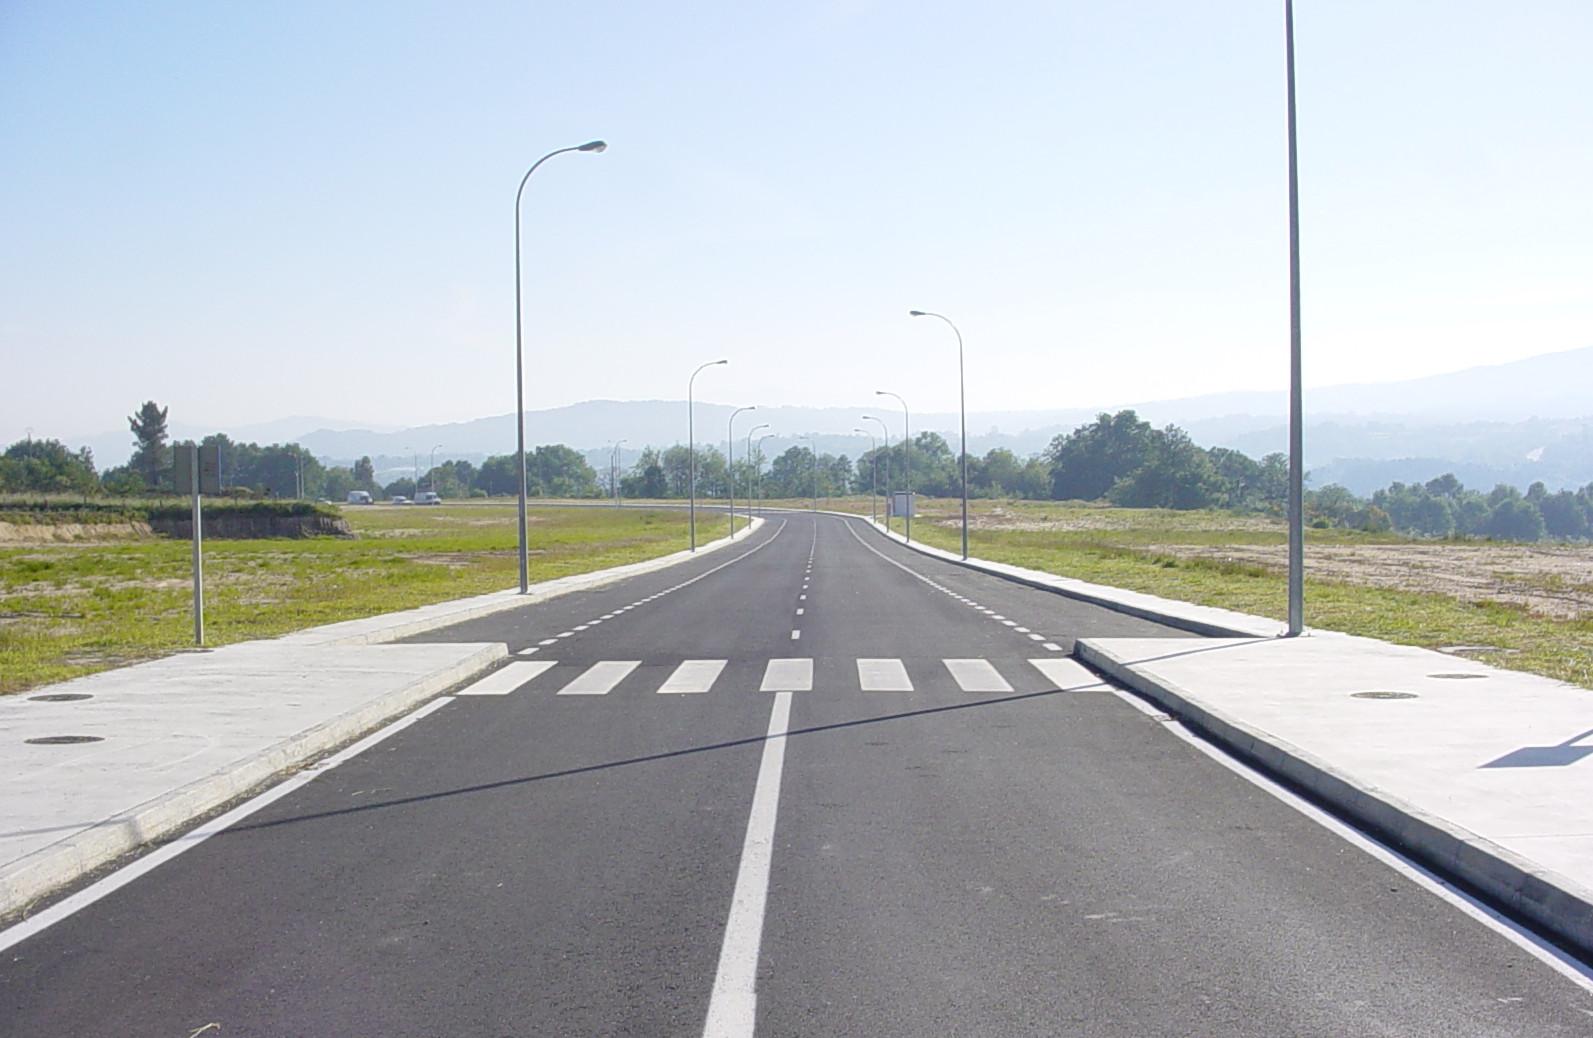 Urbanización - Proyecon Galicia S.A. - Parque Empresarial de Celanova